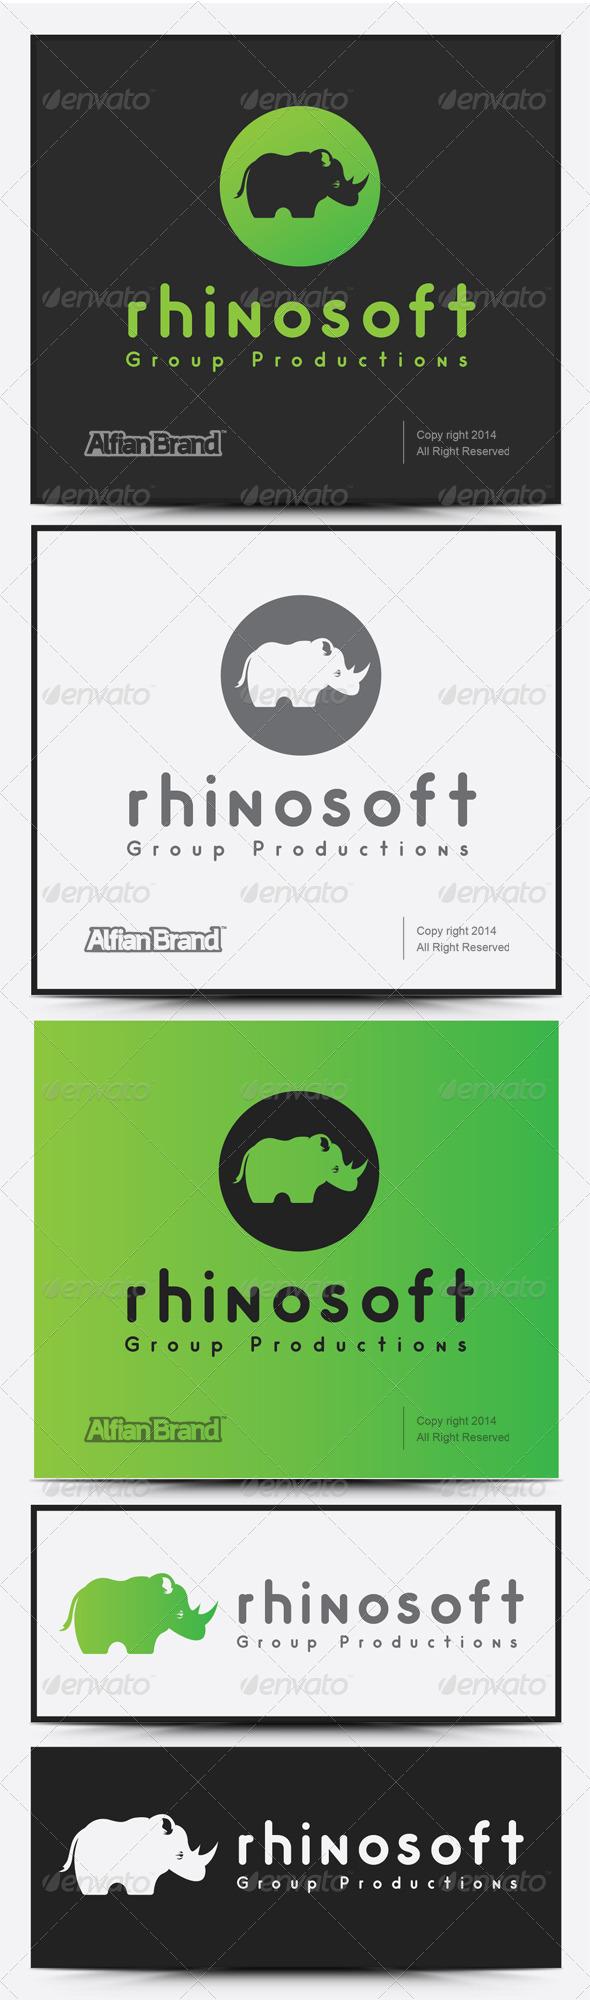 GraphicRiver Rhino Soft Logo 8051588